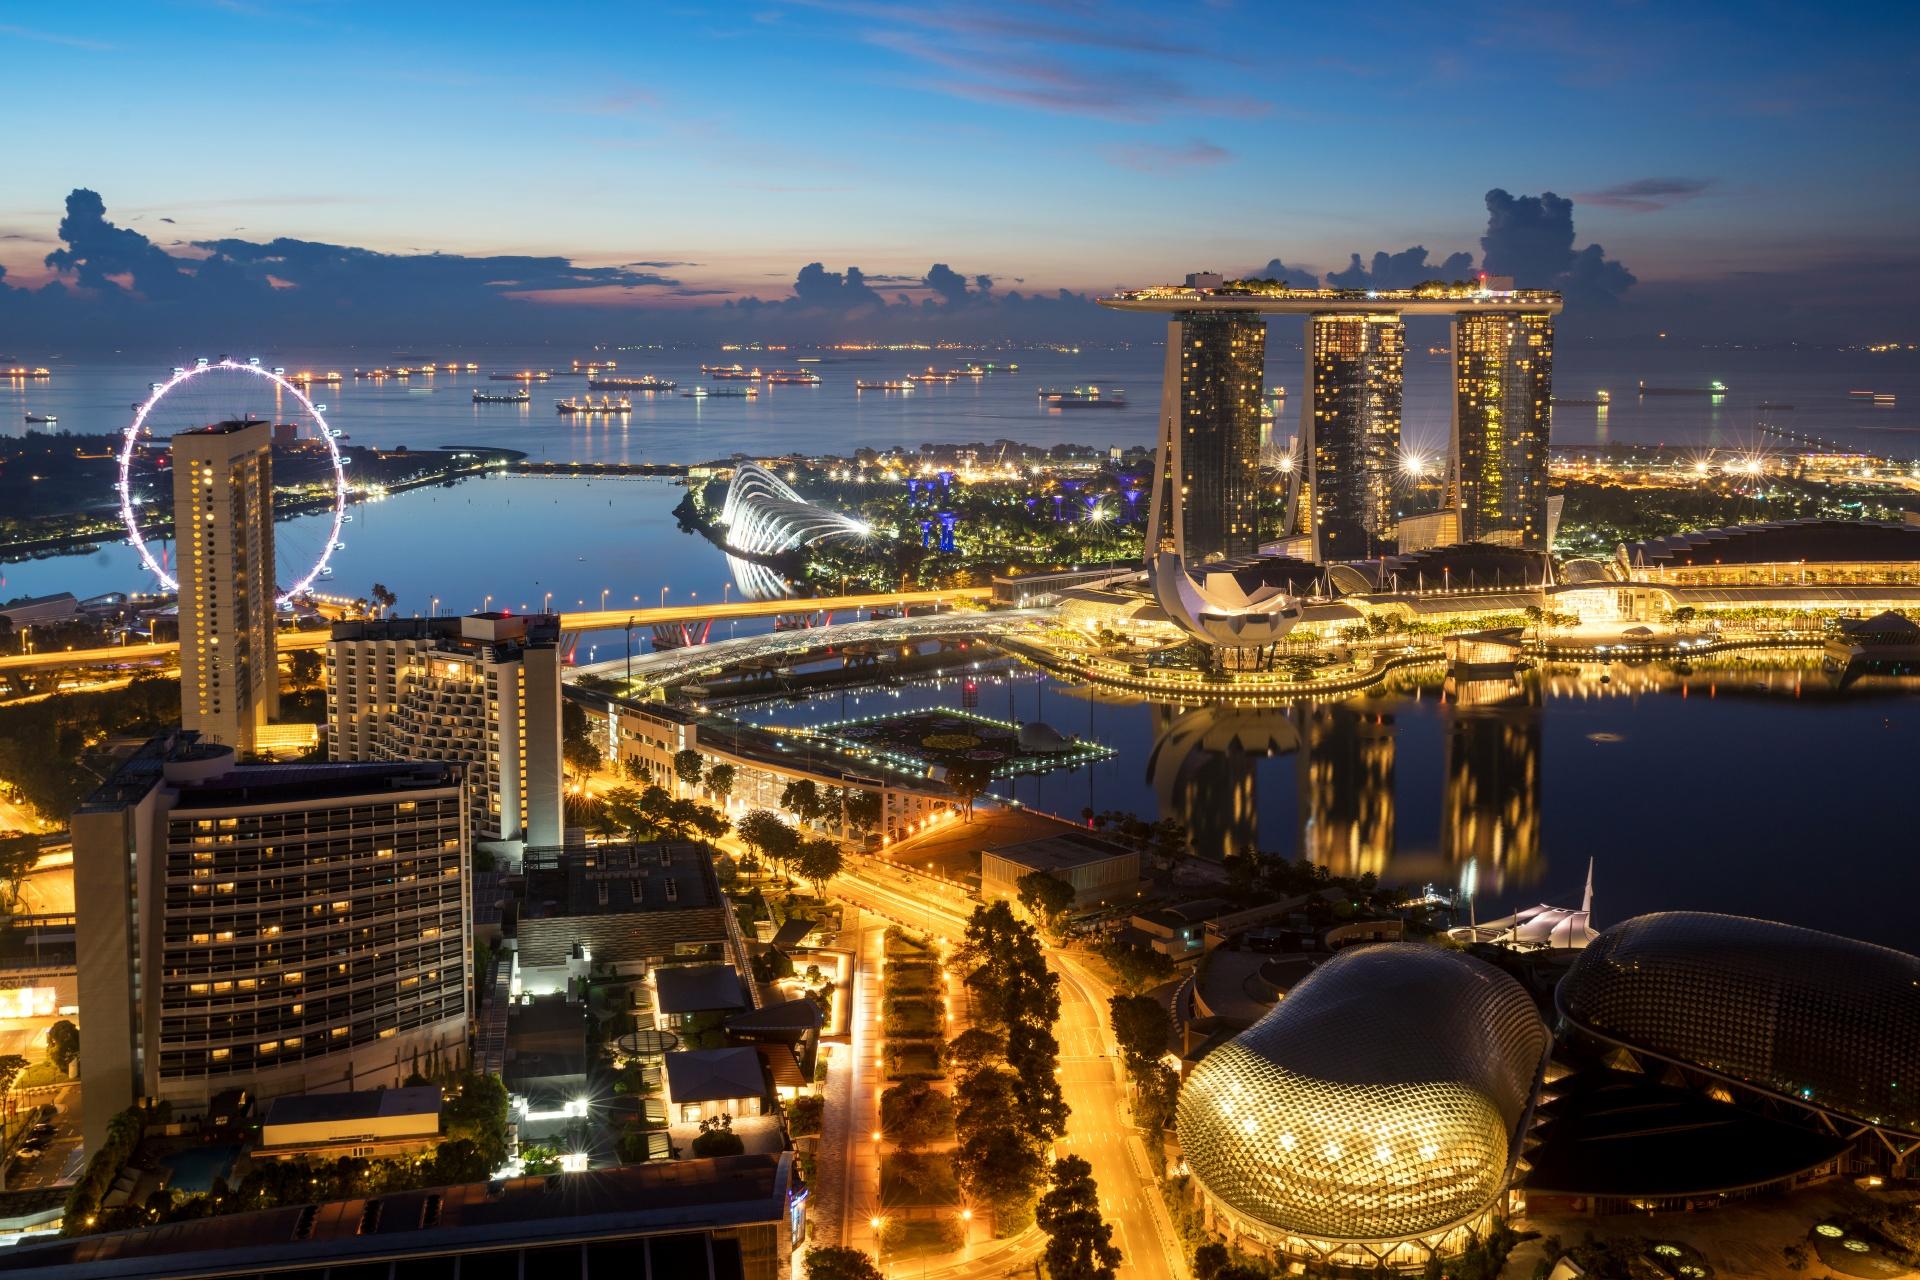 トワイライトタイムのマリーナベイの風景 シンガポールの風景